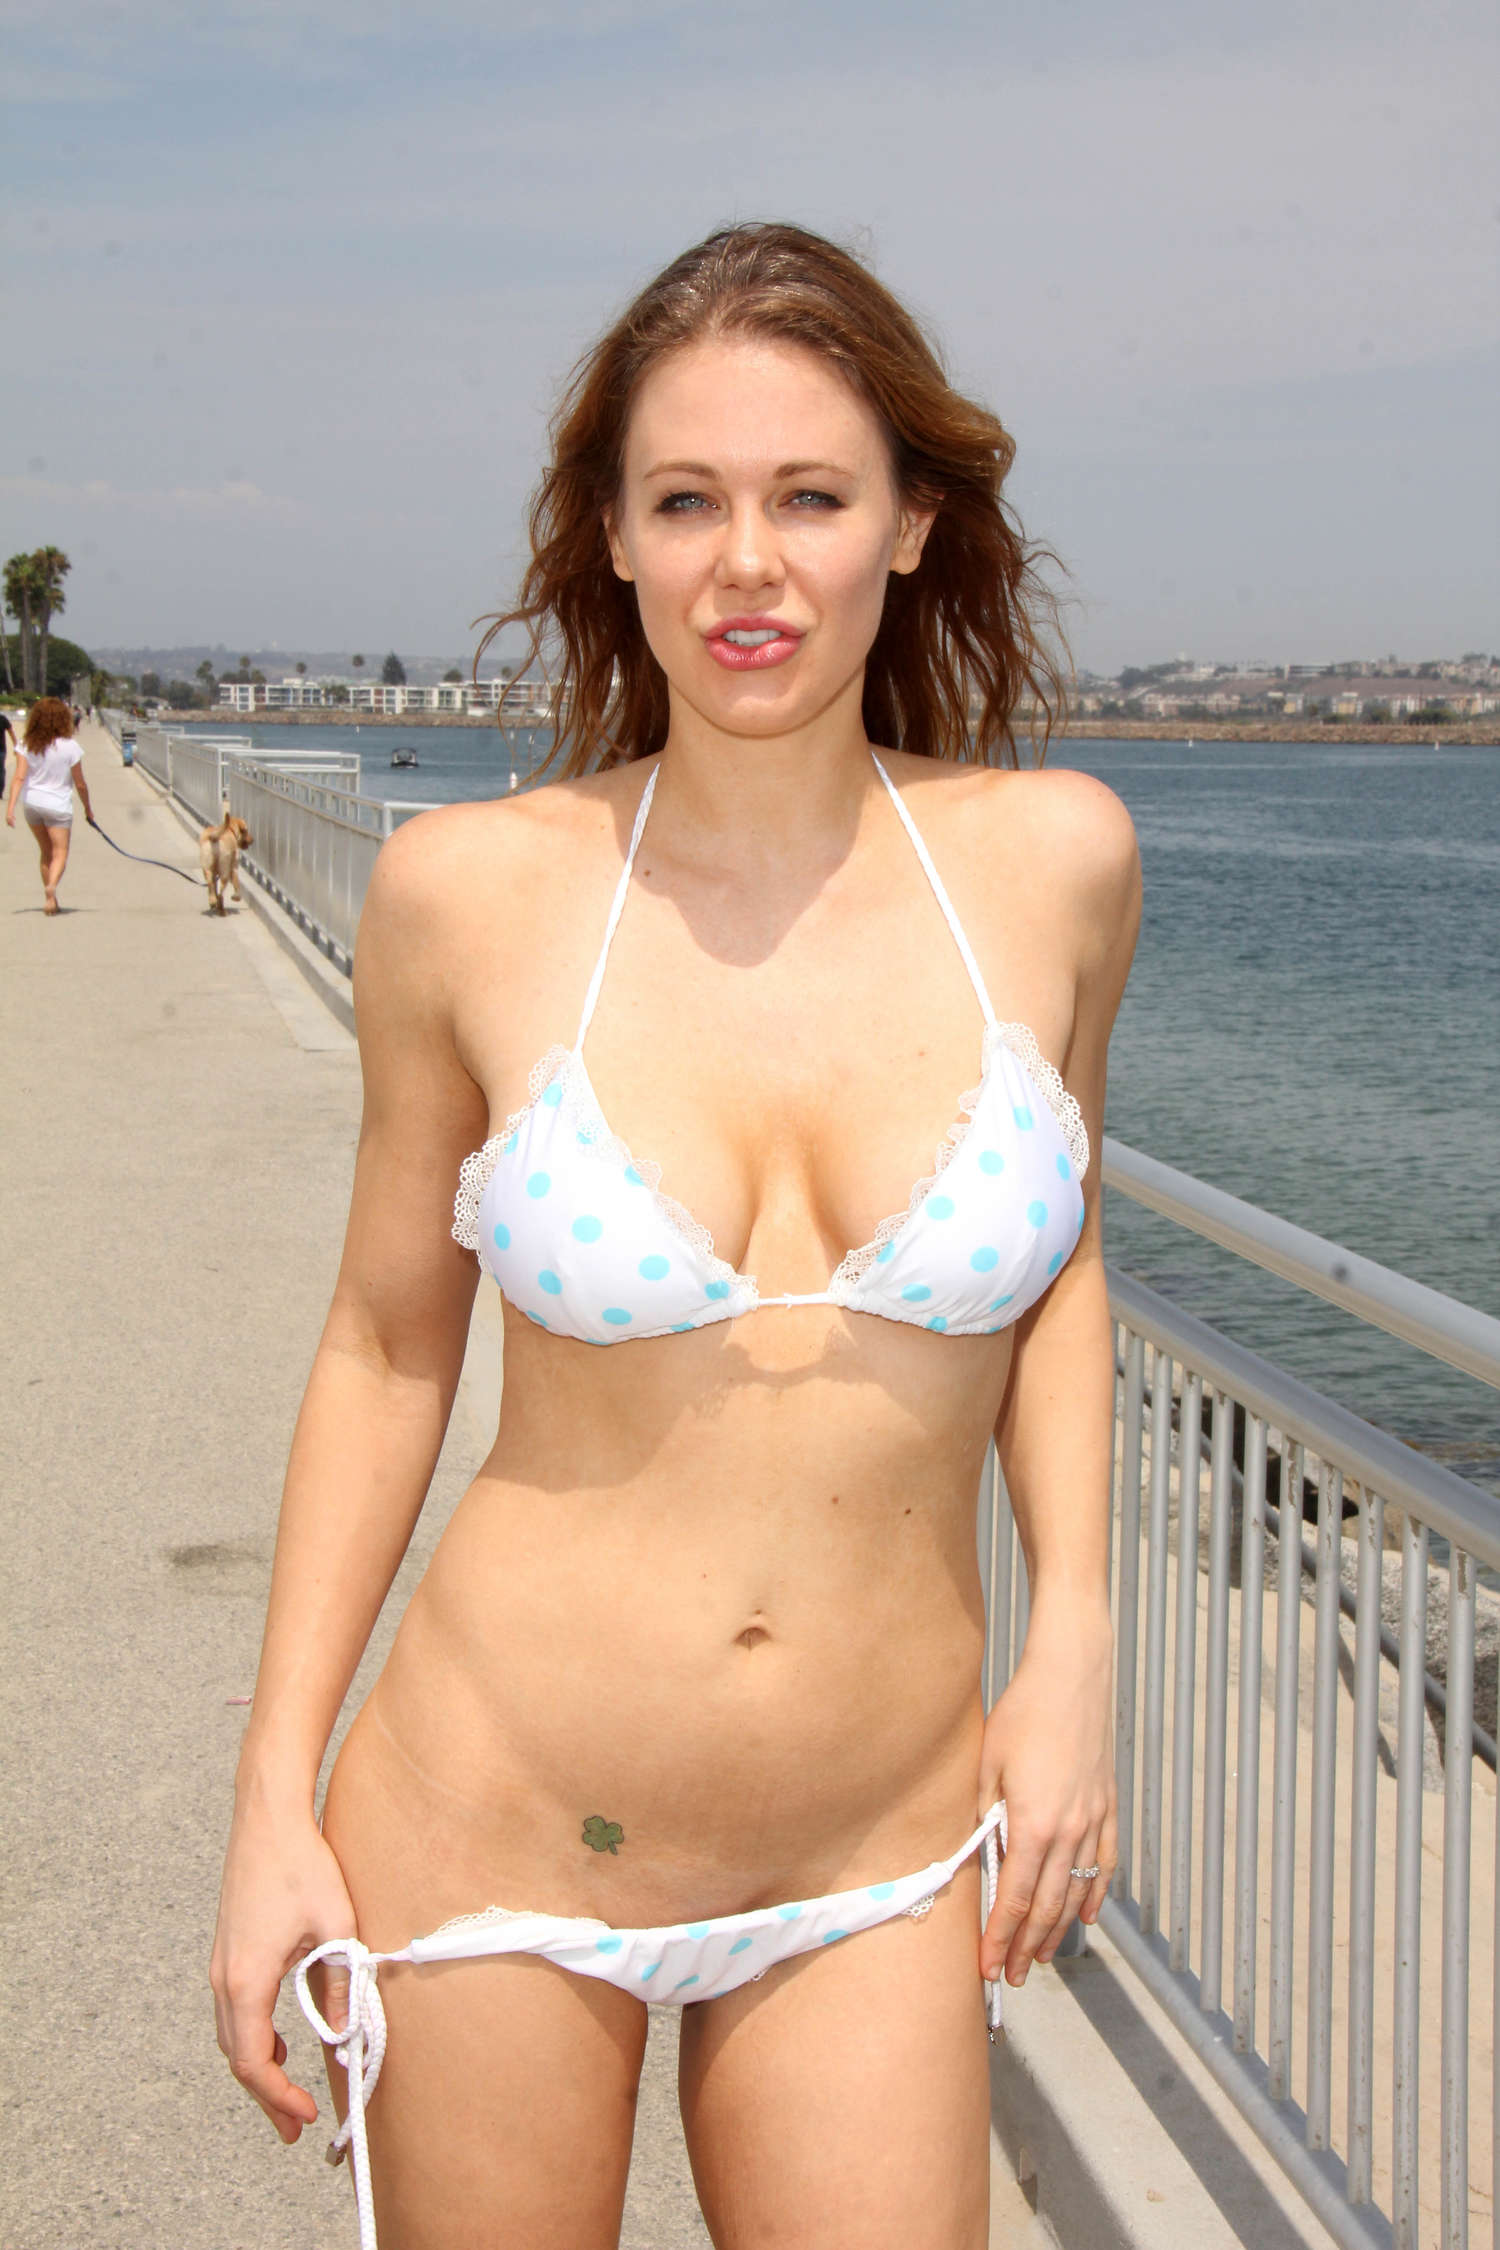 Maitland Ward In White Bikini -26  Gotceleb-5282